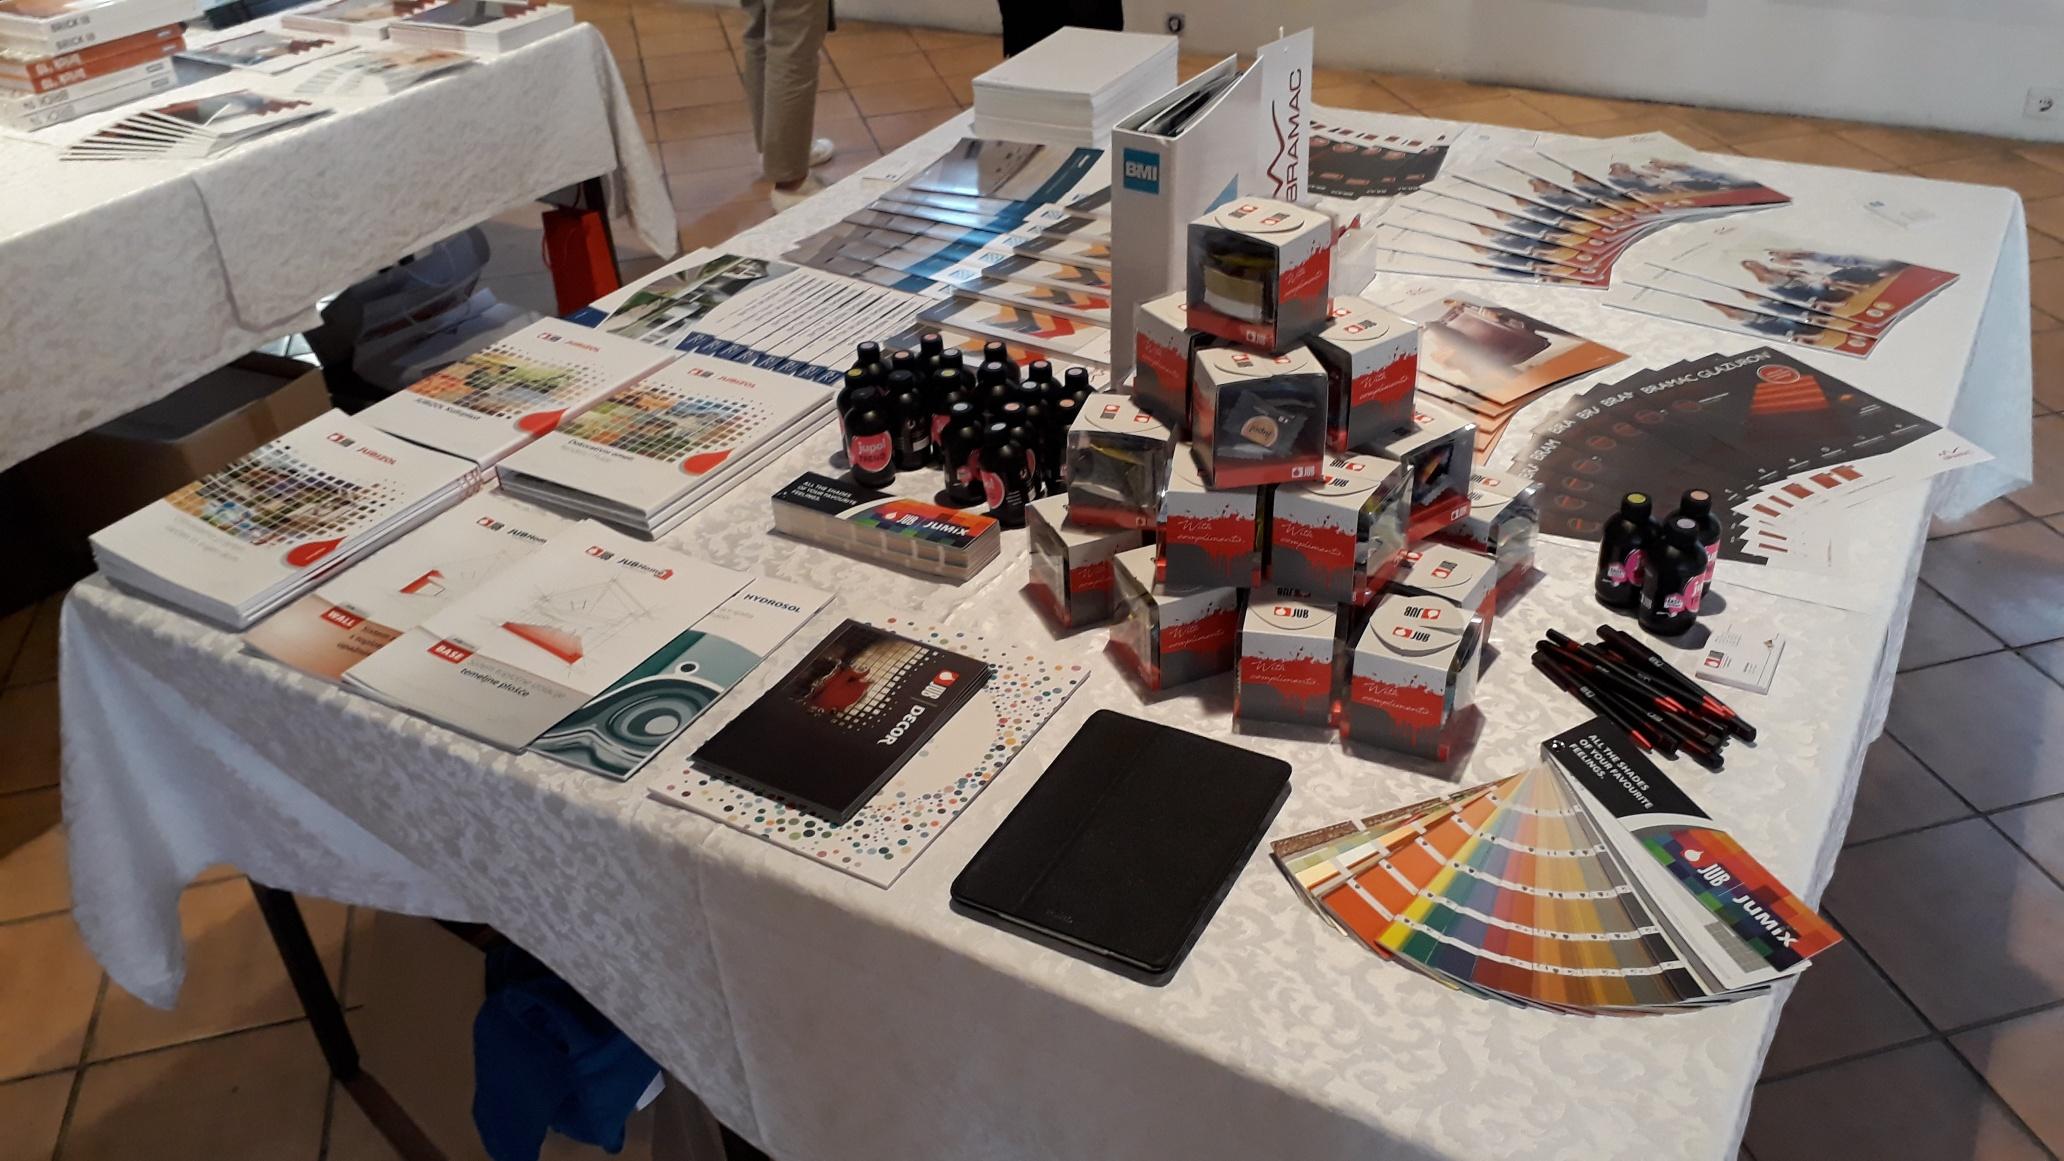 JUB podprl ZAPS pri organizaciji Dneva arhitektov 2018